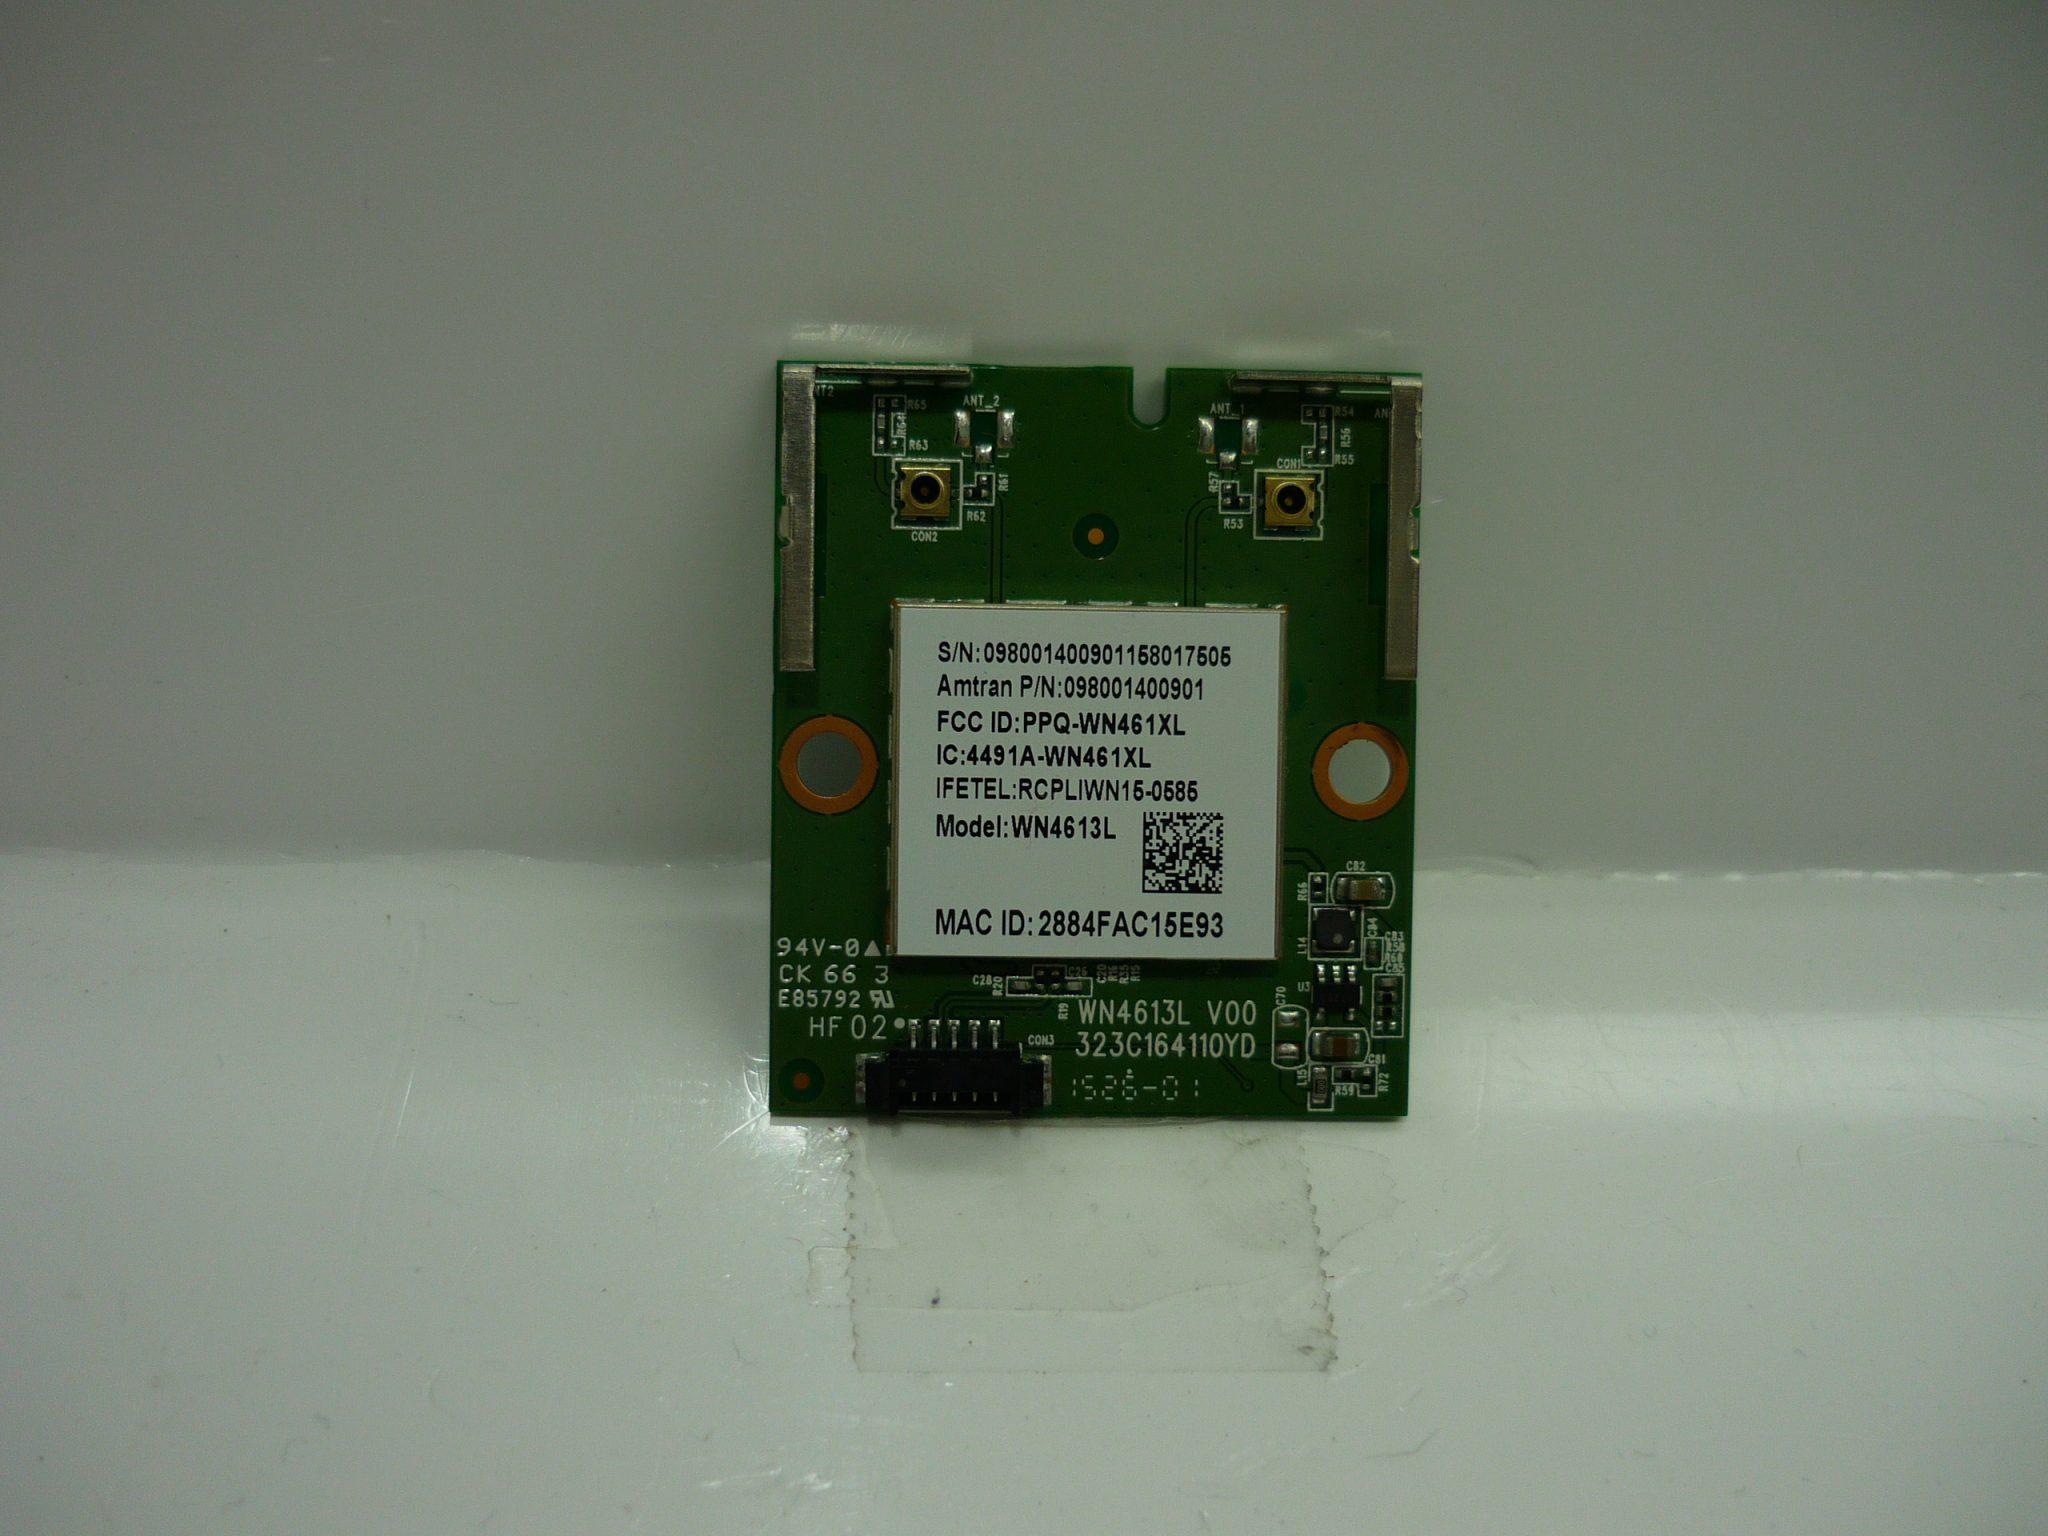 Sharp 9LE98001400900 Wi-Fi Module